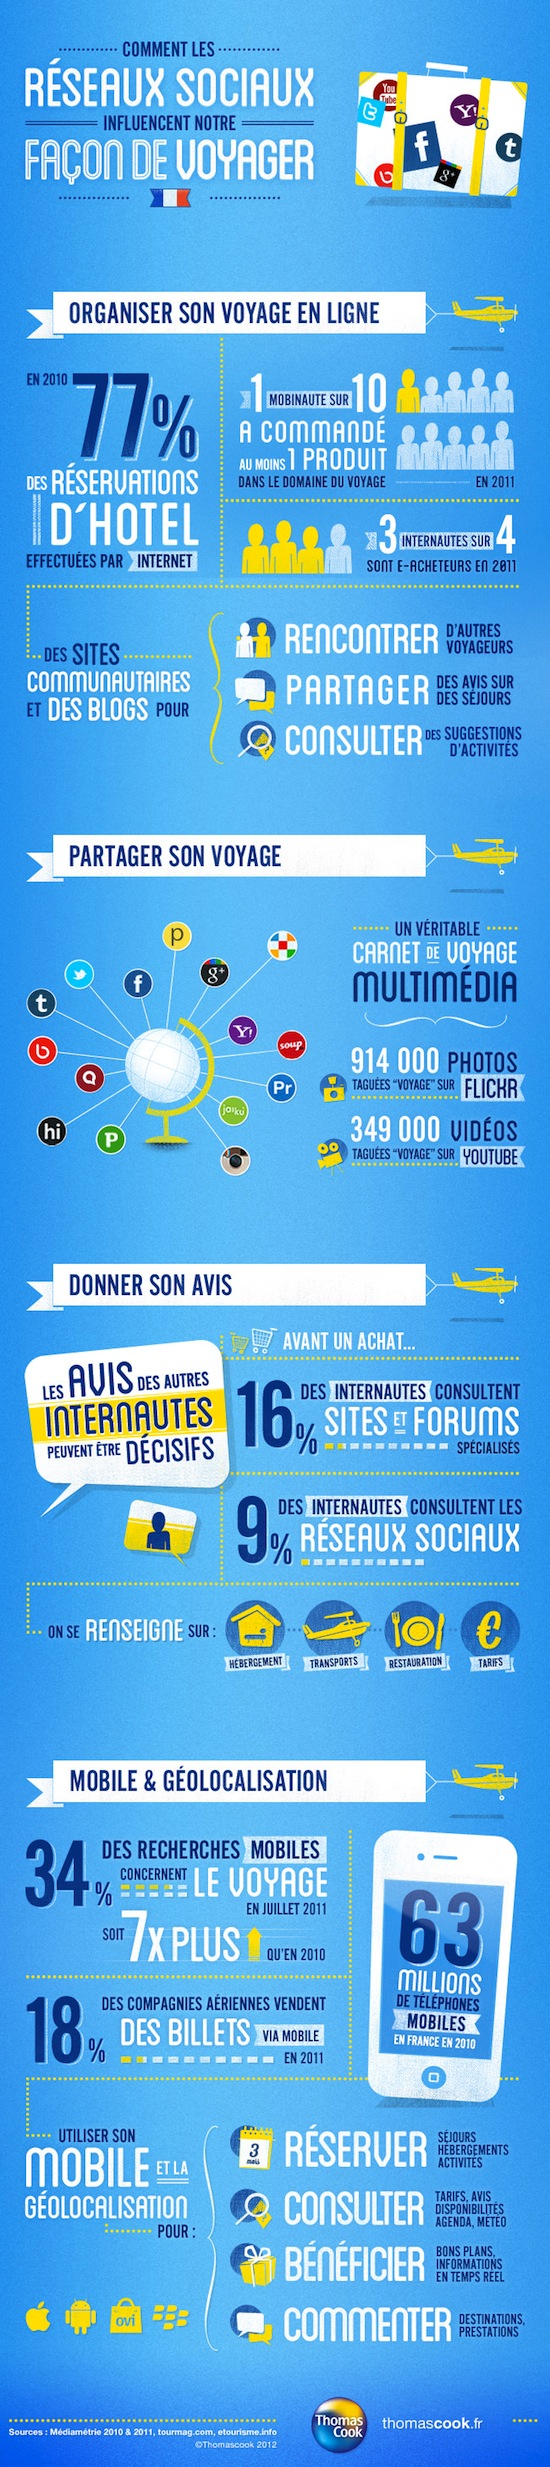 infographie-reseaux-sociaux-voyage